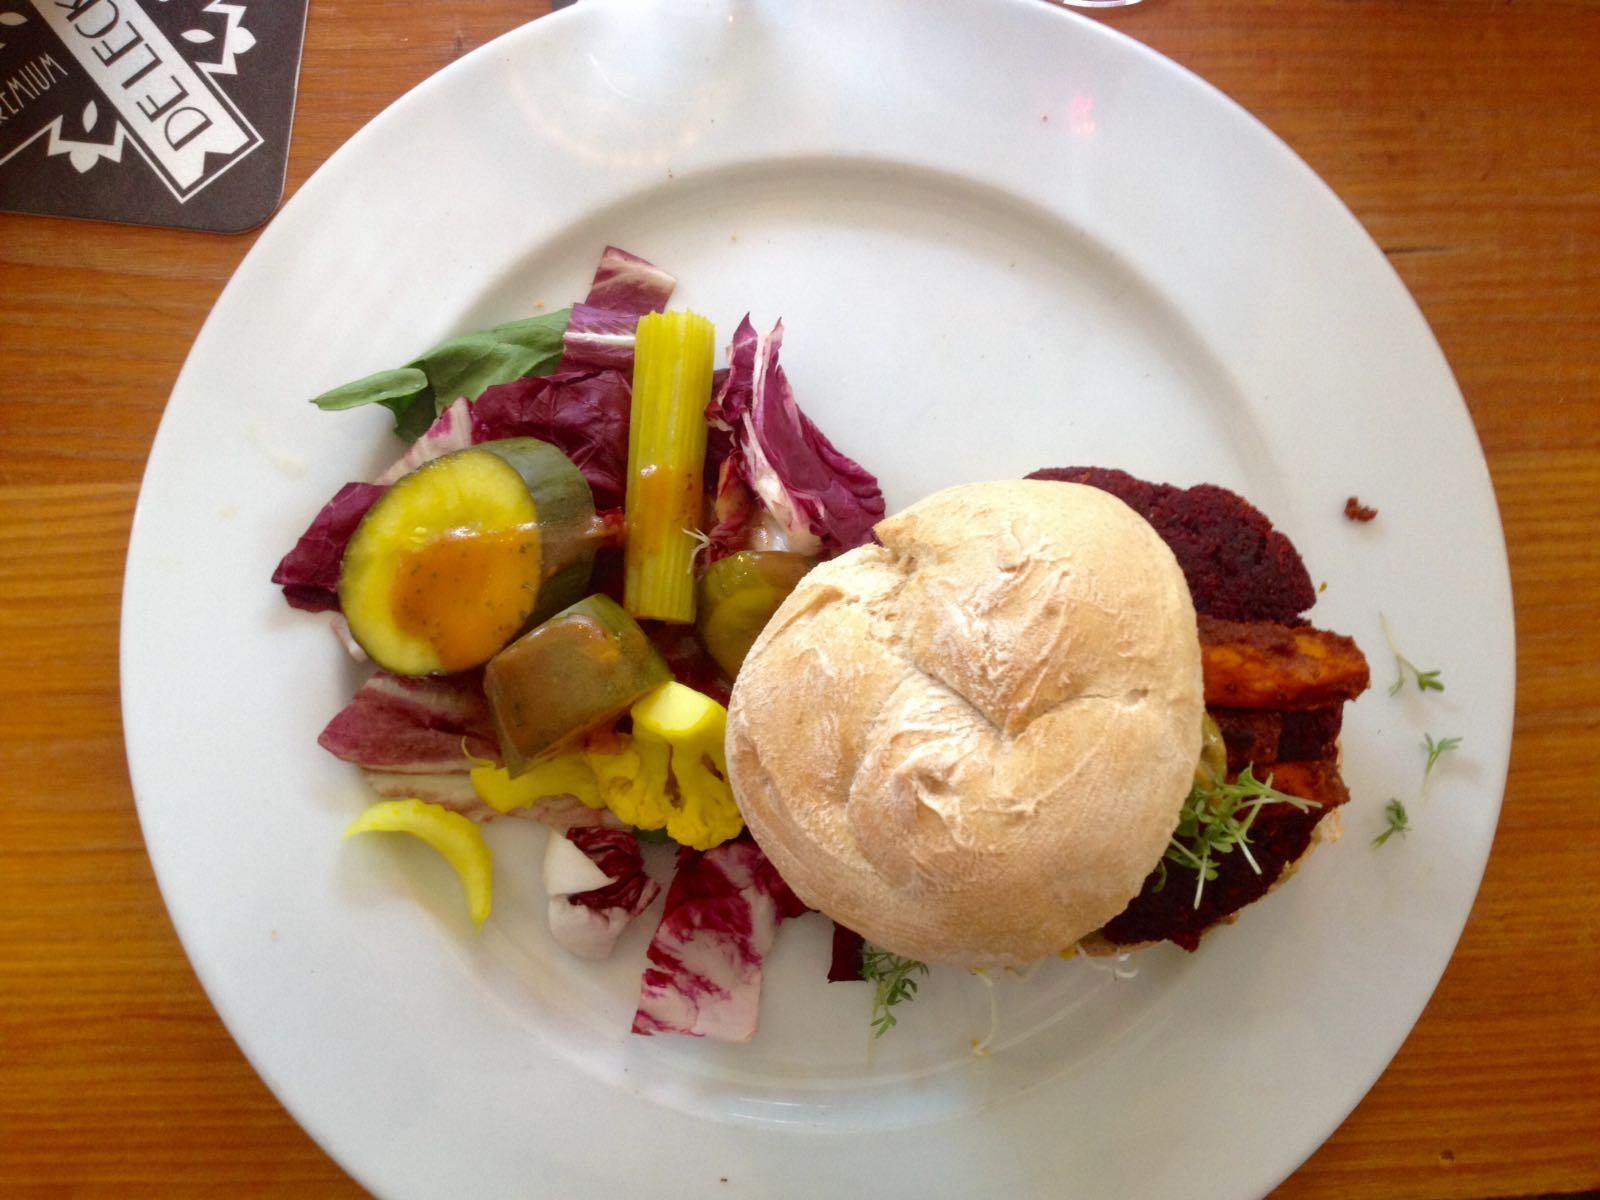 Dineren Bij Gys: Kikkererwtenburgers En Alternatieve Kapsalons